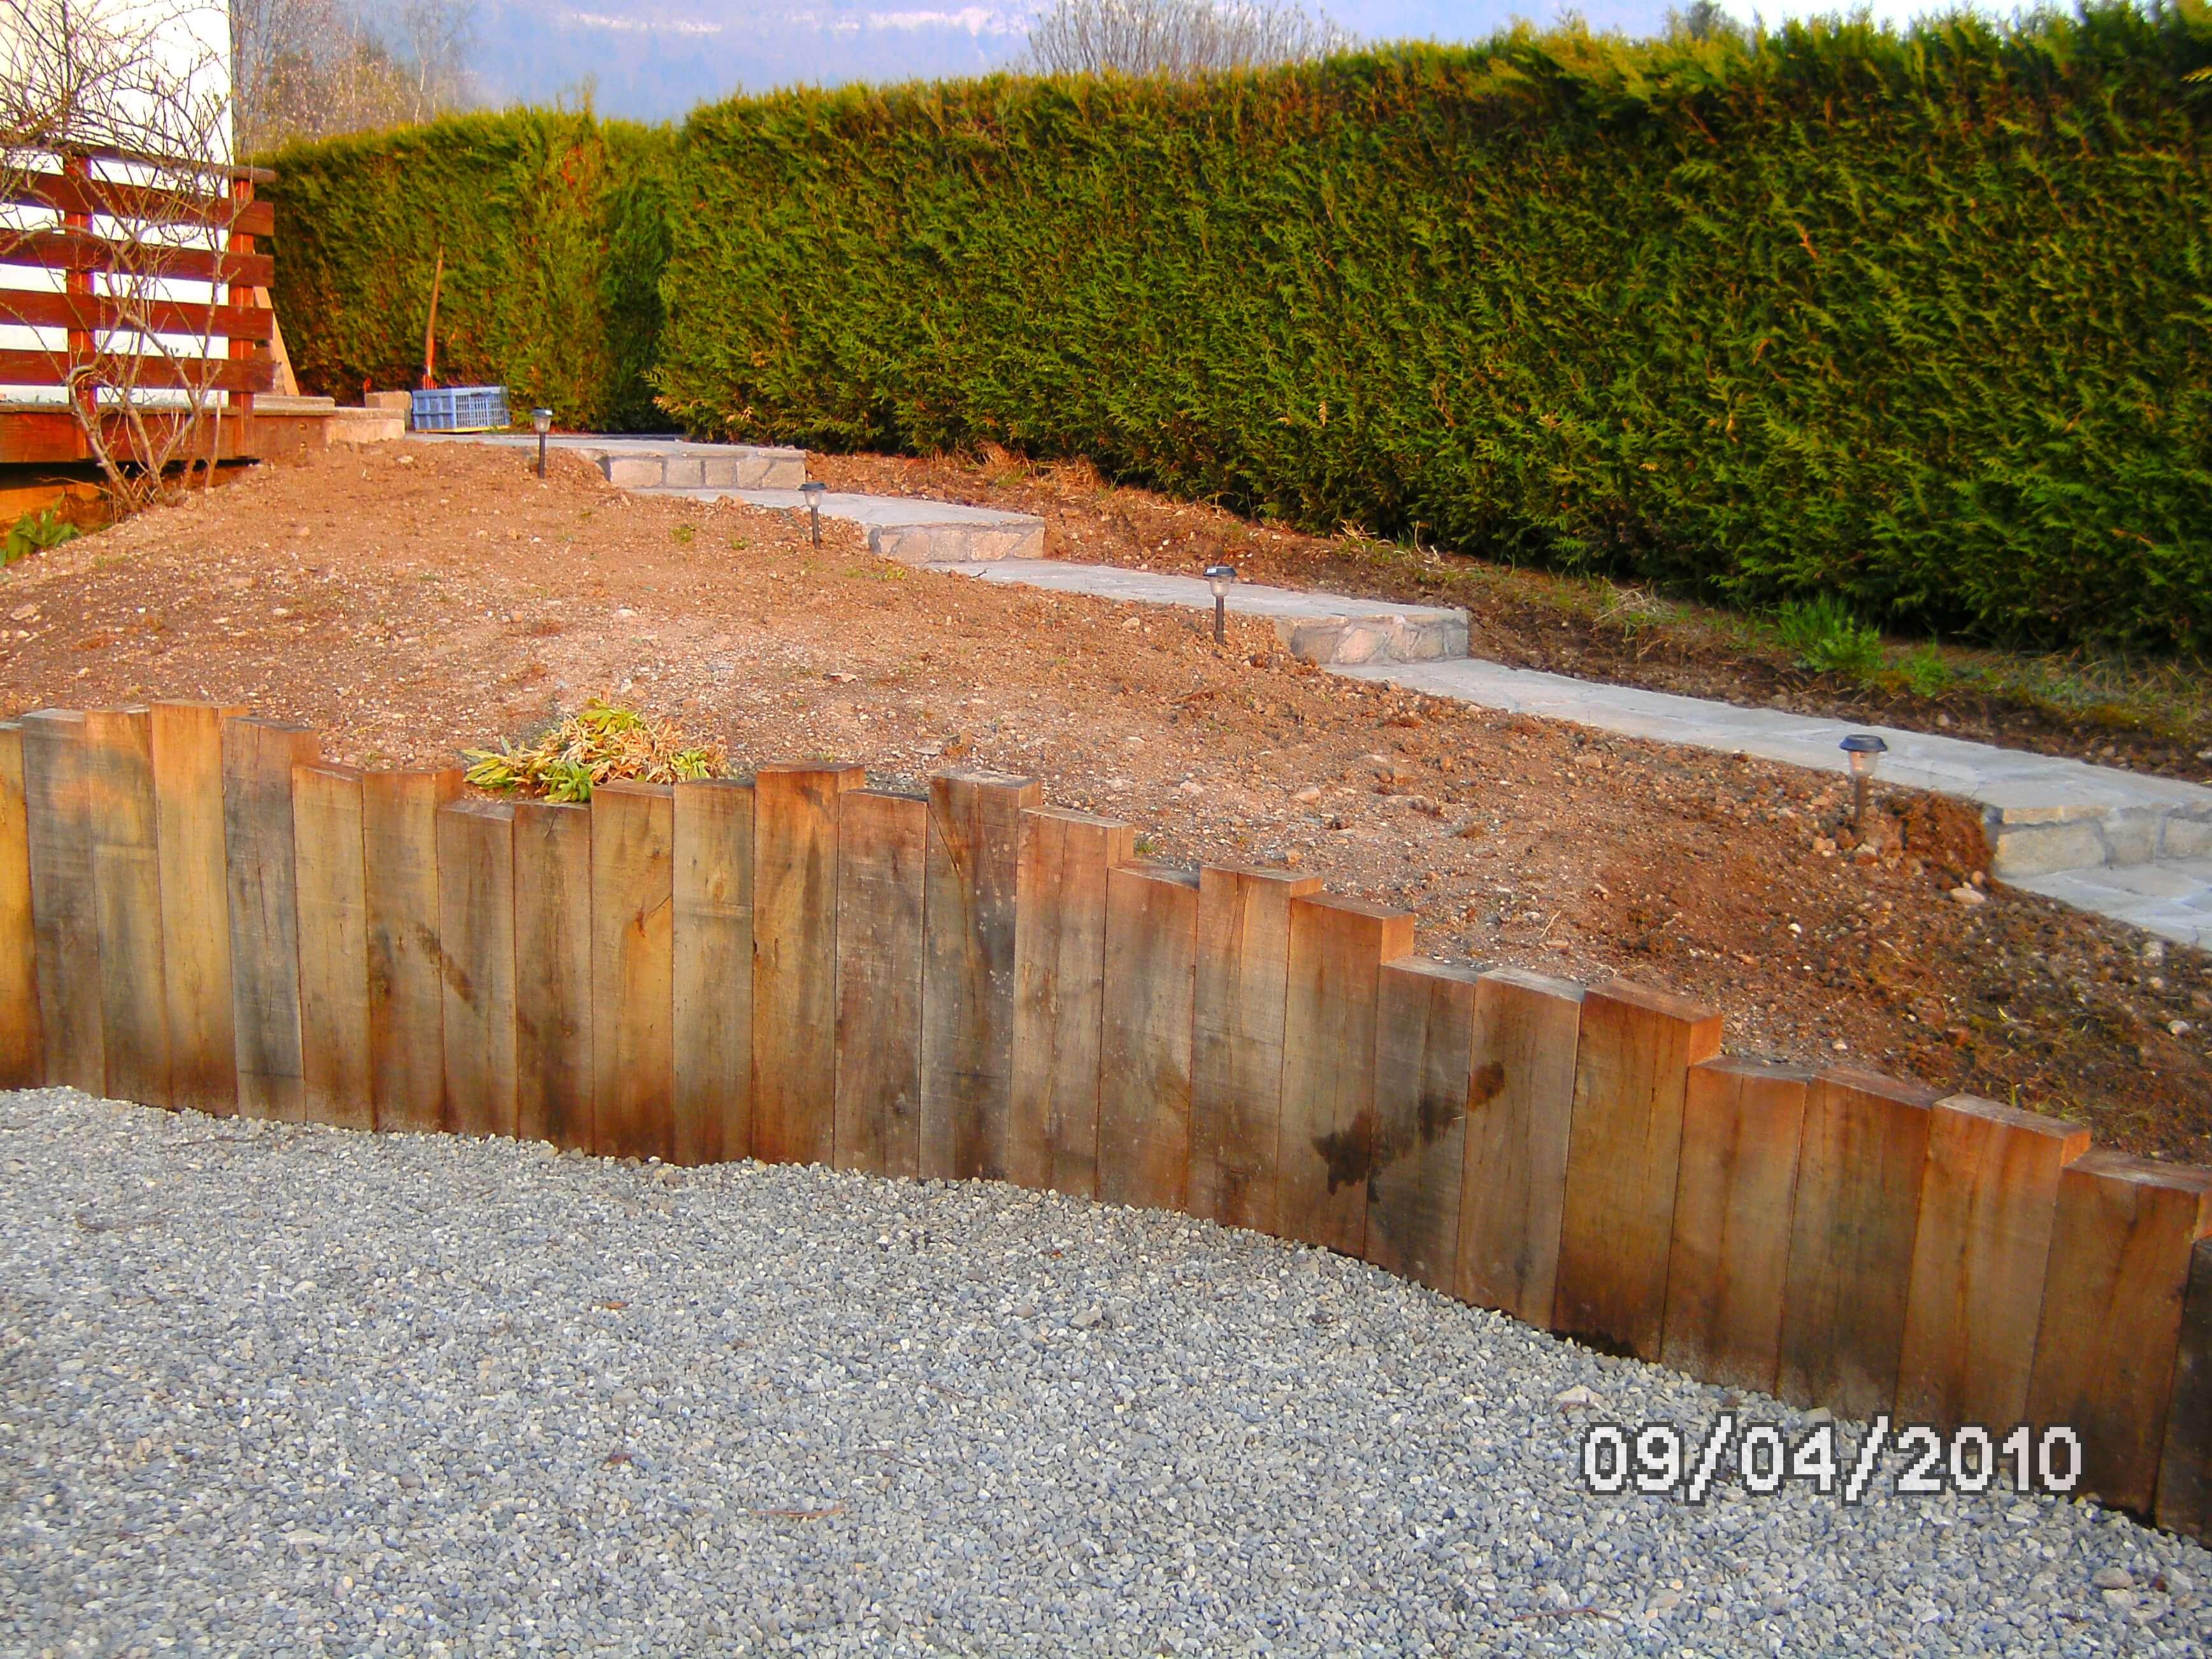 Mur soutenement bois for Soutenement bois autoclave